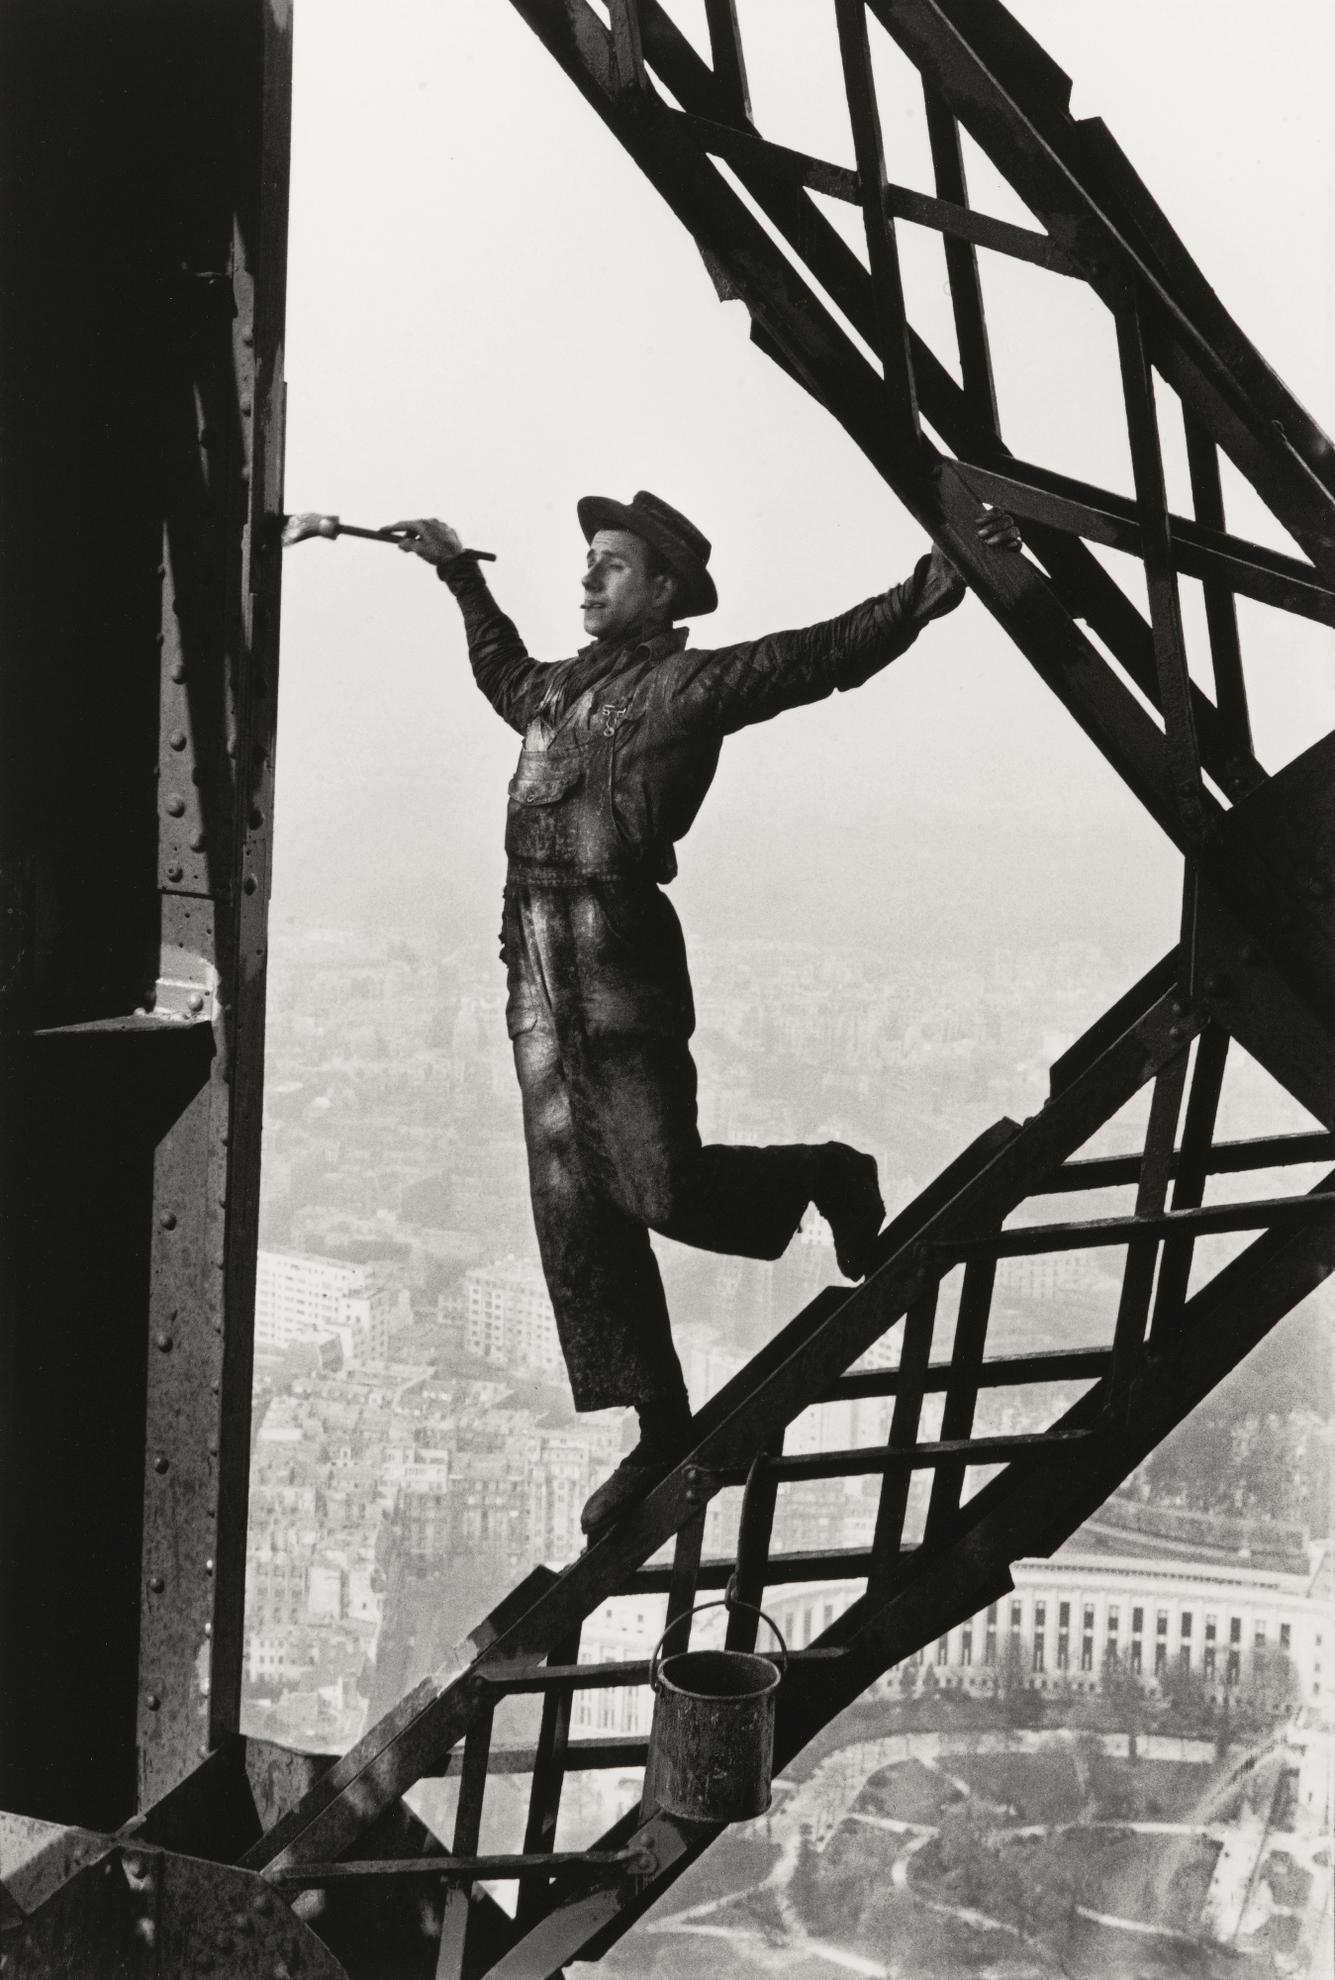 Marc Riboud-Eiffel Tower Painter, Paris-1953